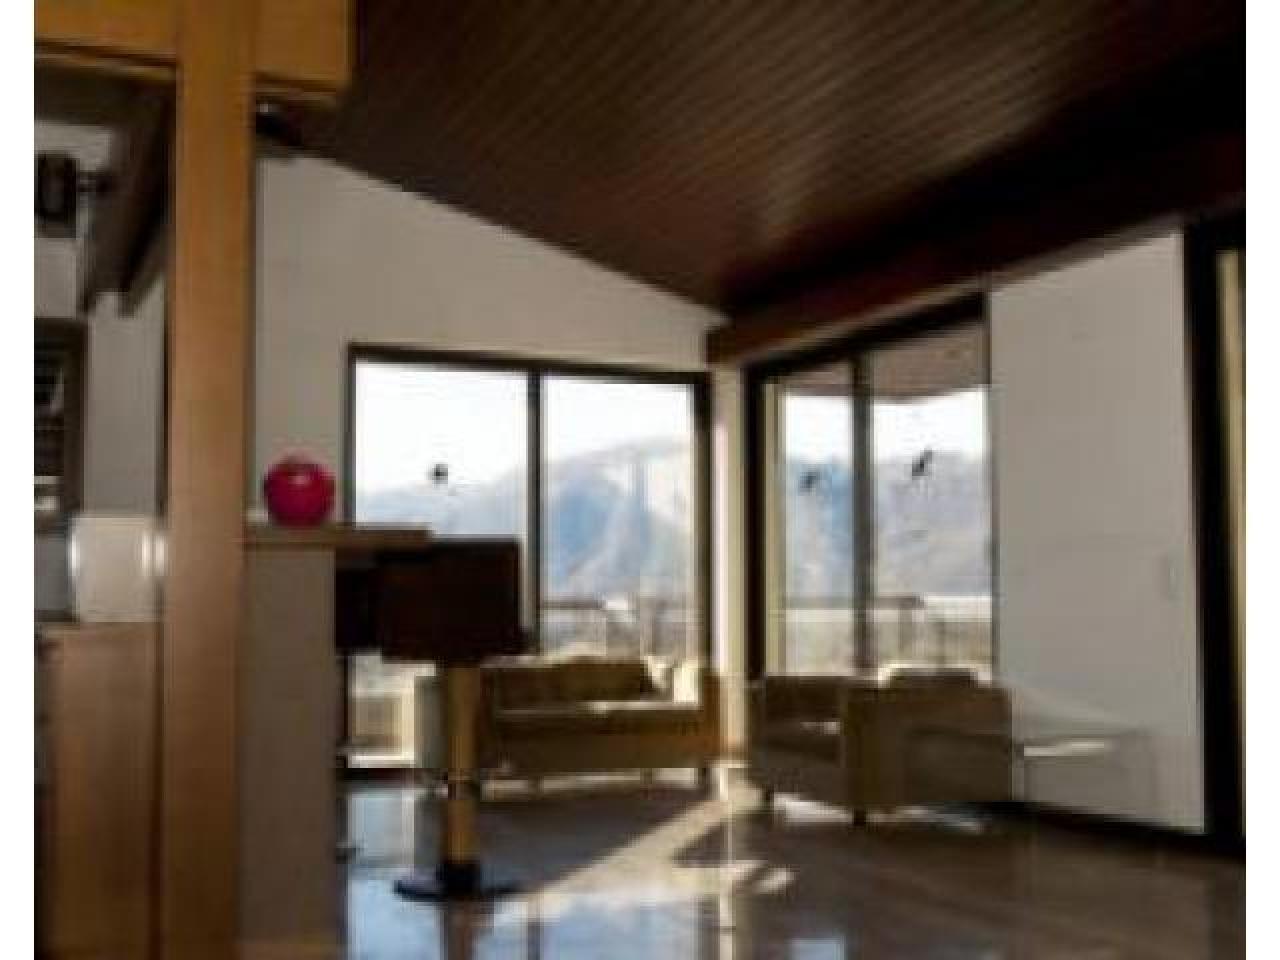 Дом в Кампьоне-д'Италия с видом на озеро Лугано - 1